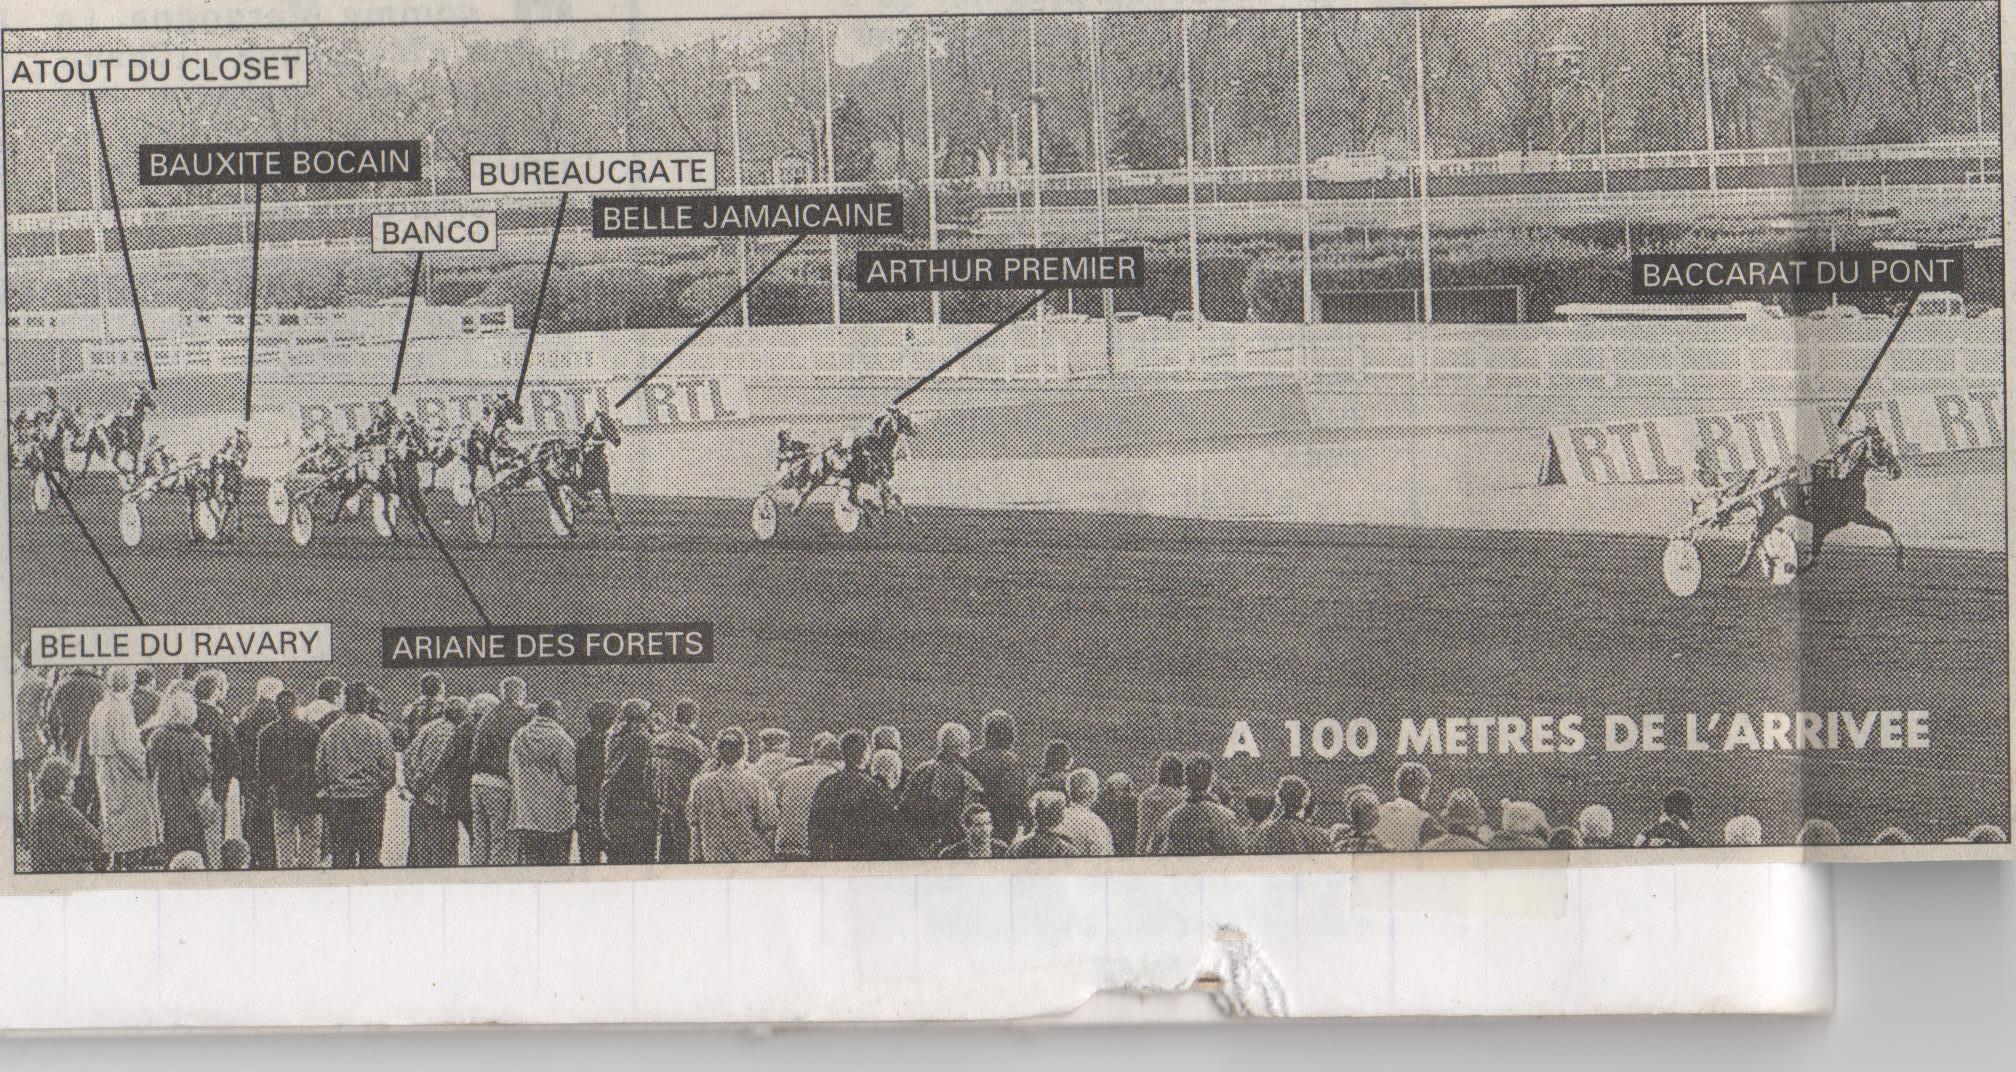 1995 11 16 Baccarat du Pont Prix de Valencay (3)